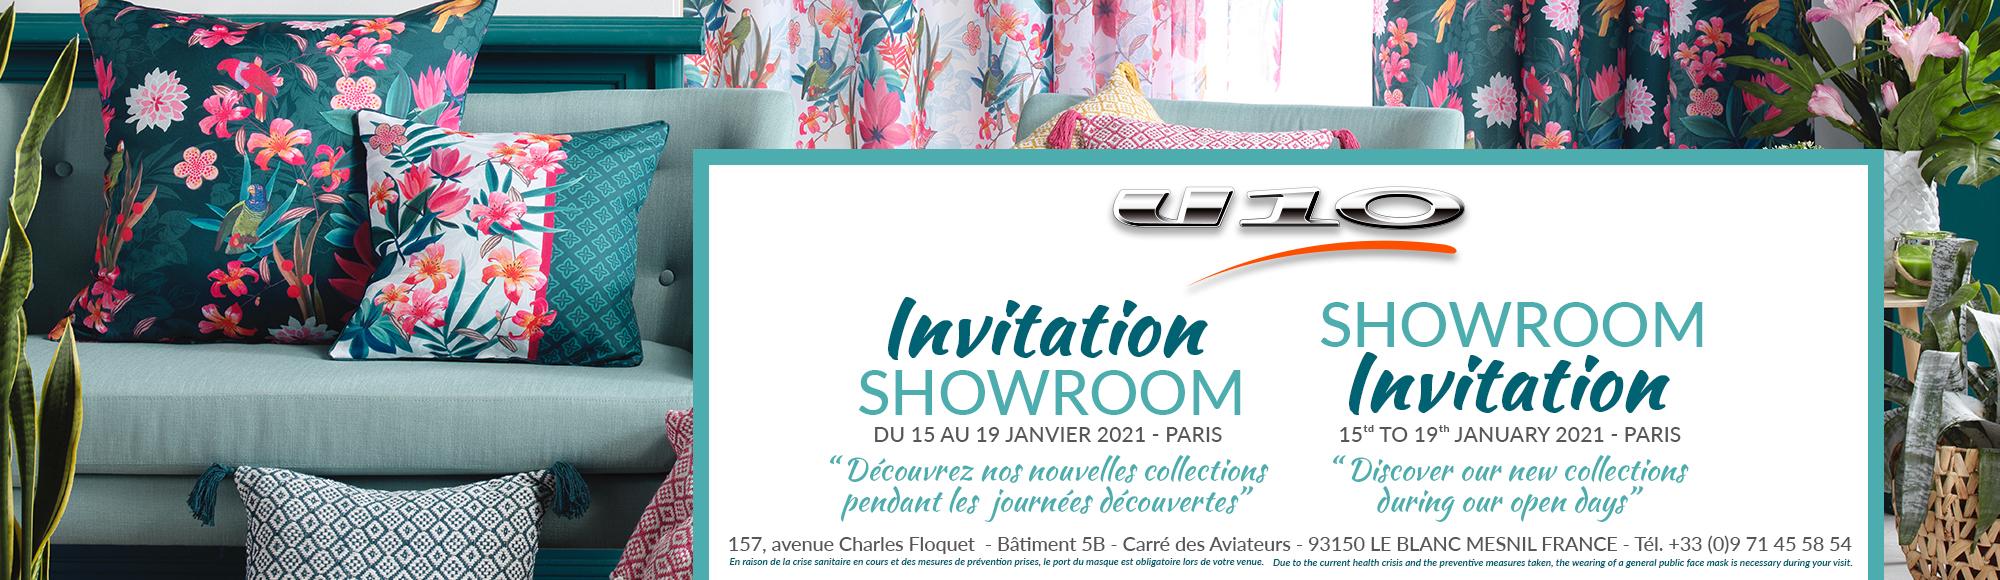 U10 - Fournisseur en décoration d'intérieur - Invitation Showroom Paris - Portes ouvertes - nouvelle collection Janvier 2021